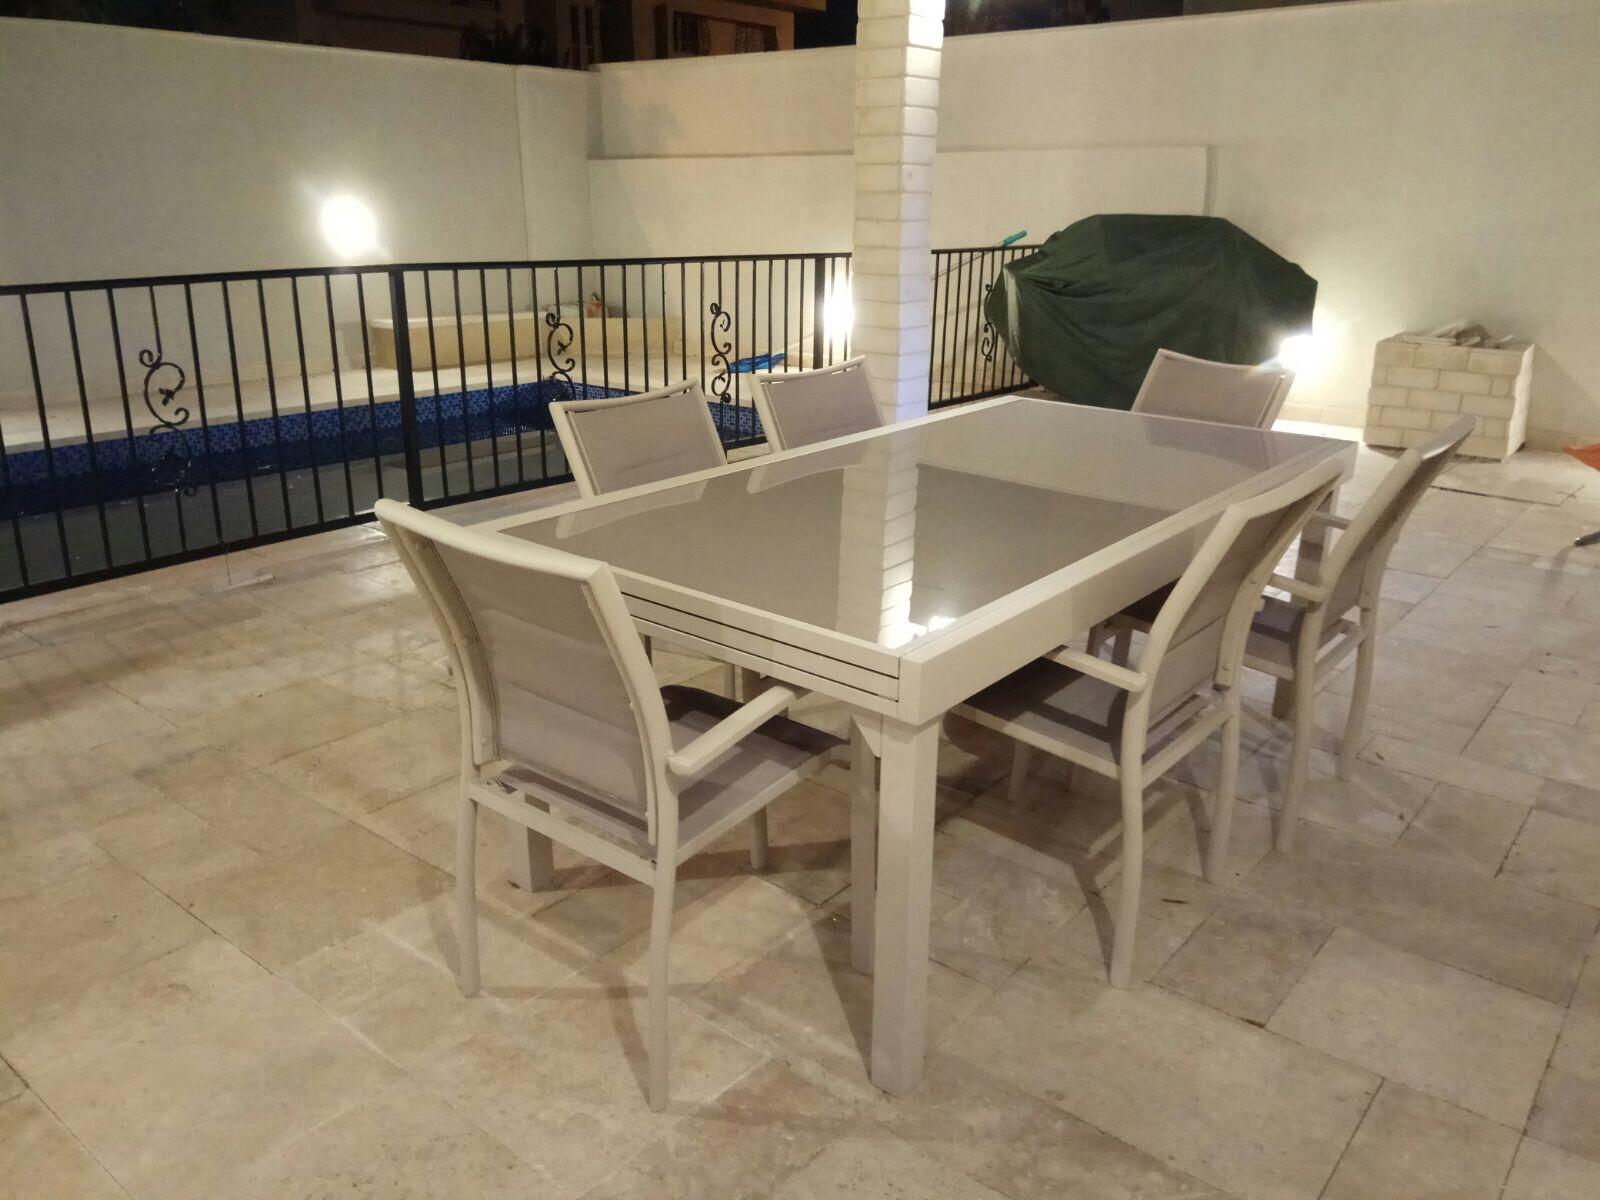 שולחן אלומיניום נפתח לגינה 100x200/320 צבע בז' + 6 כסאות מרופדים